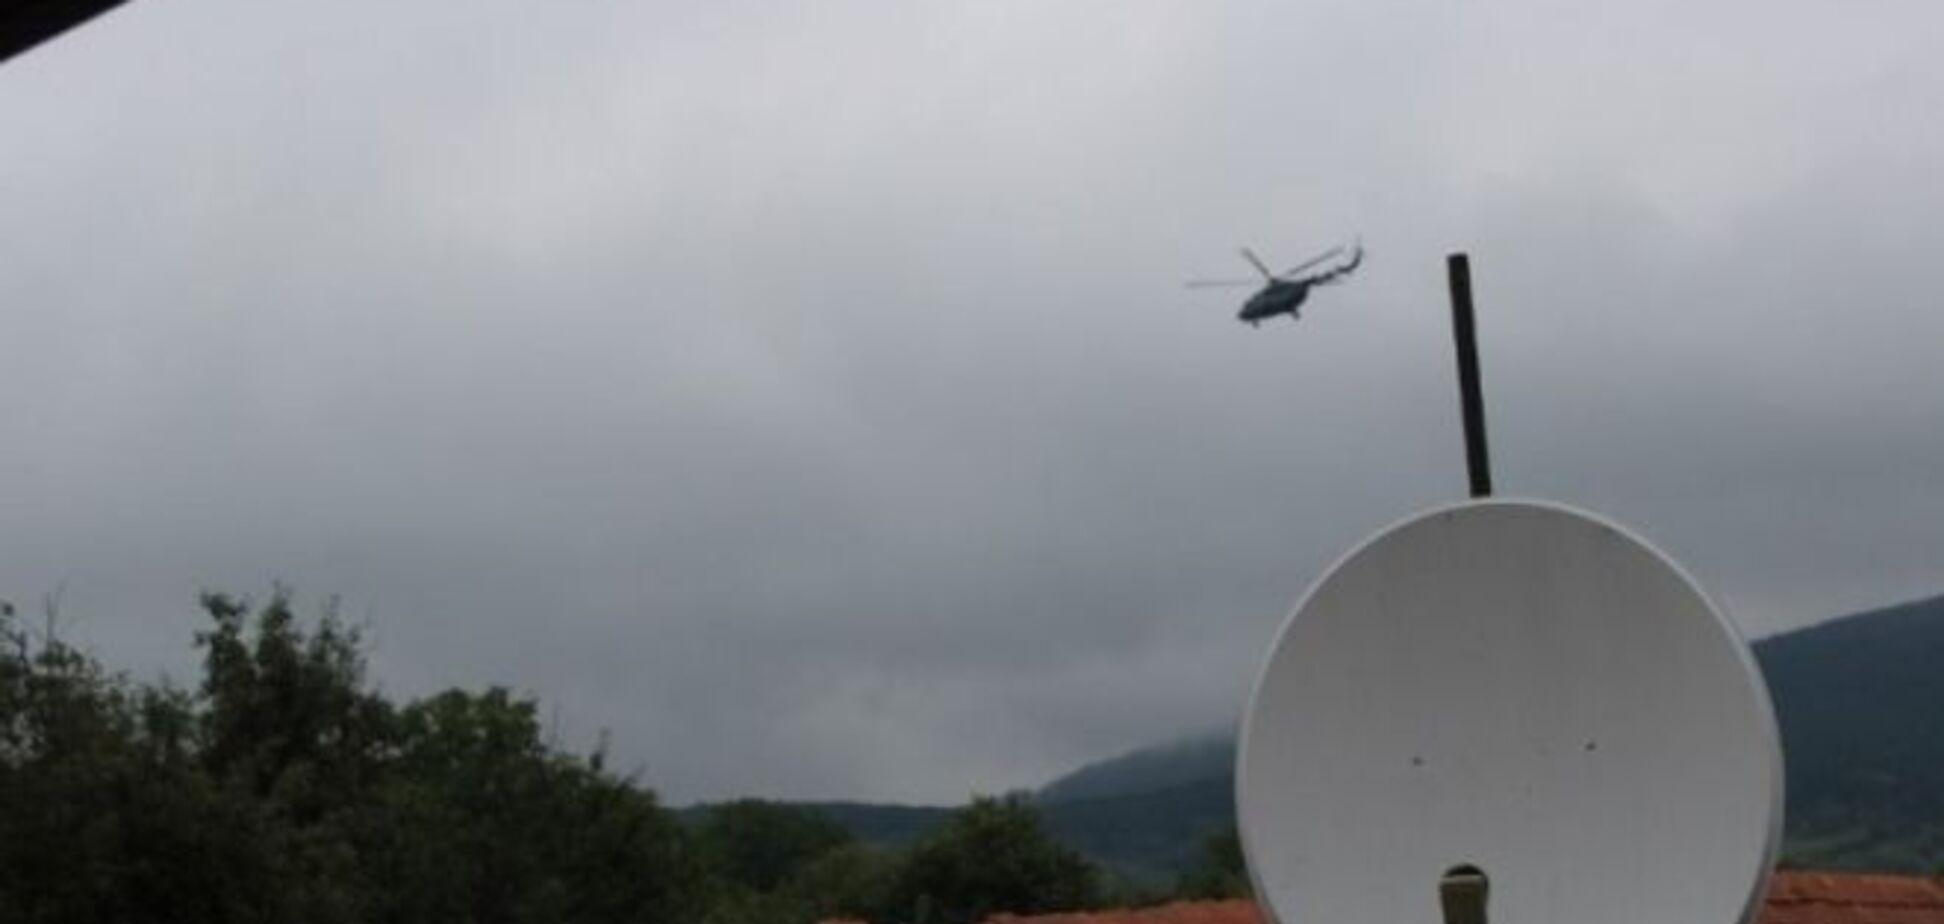 Бойцов 'Правого сектора' окружили вертолеты и военные: фоторепортаж спецоперации под Мукачево